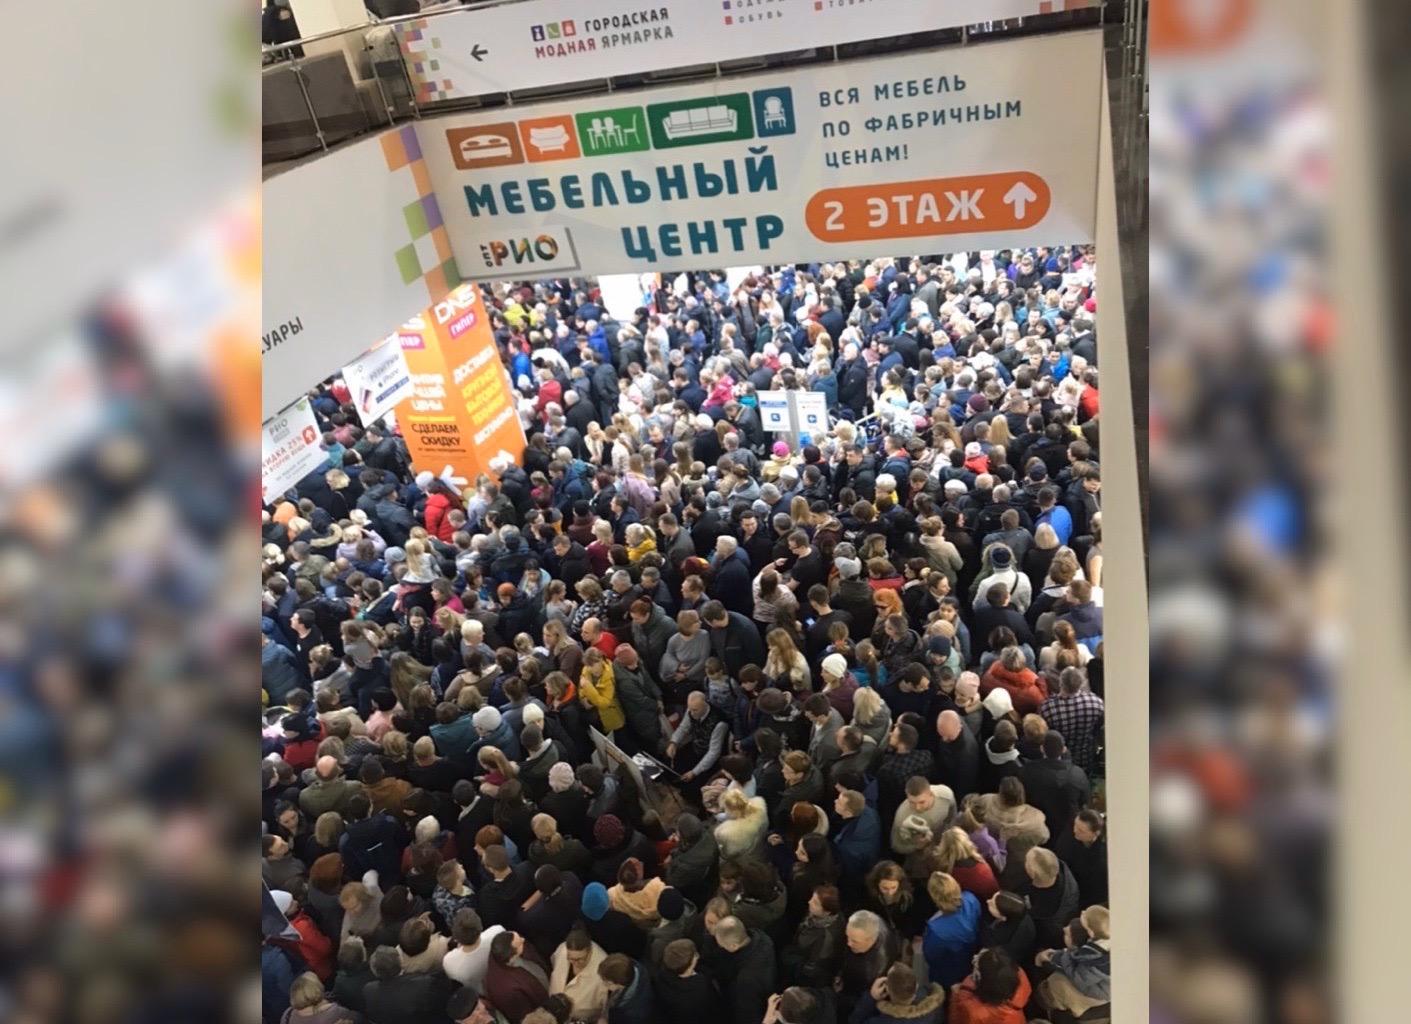 Пробки из машин и людей: ярославцы атаковали крупный ТЦ ради бесплатных iPhone